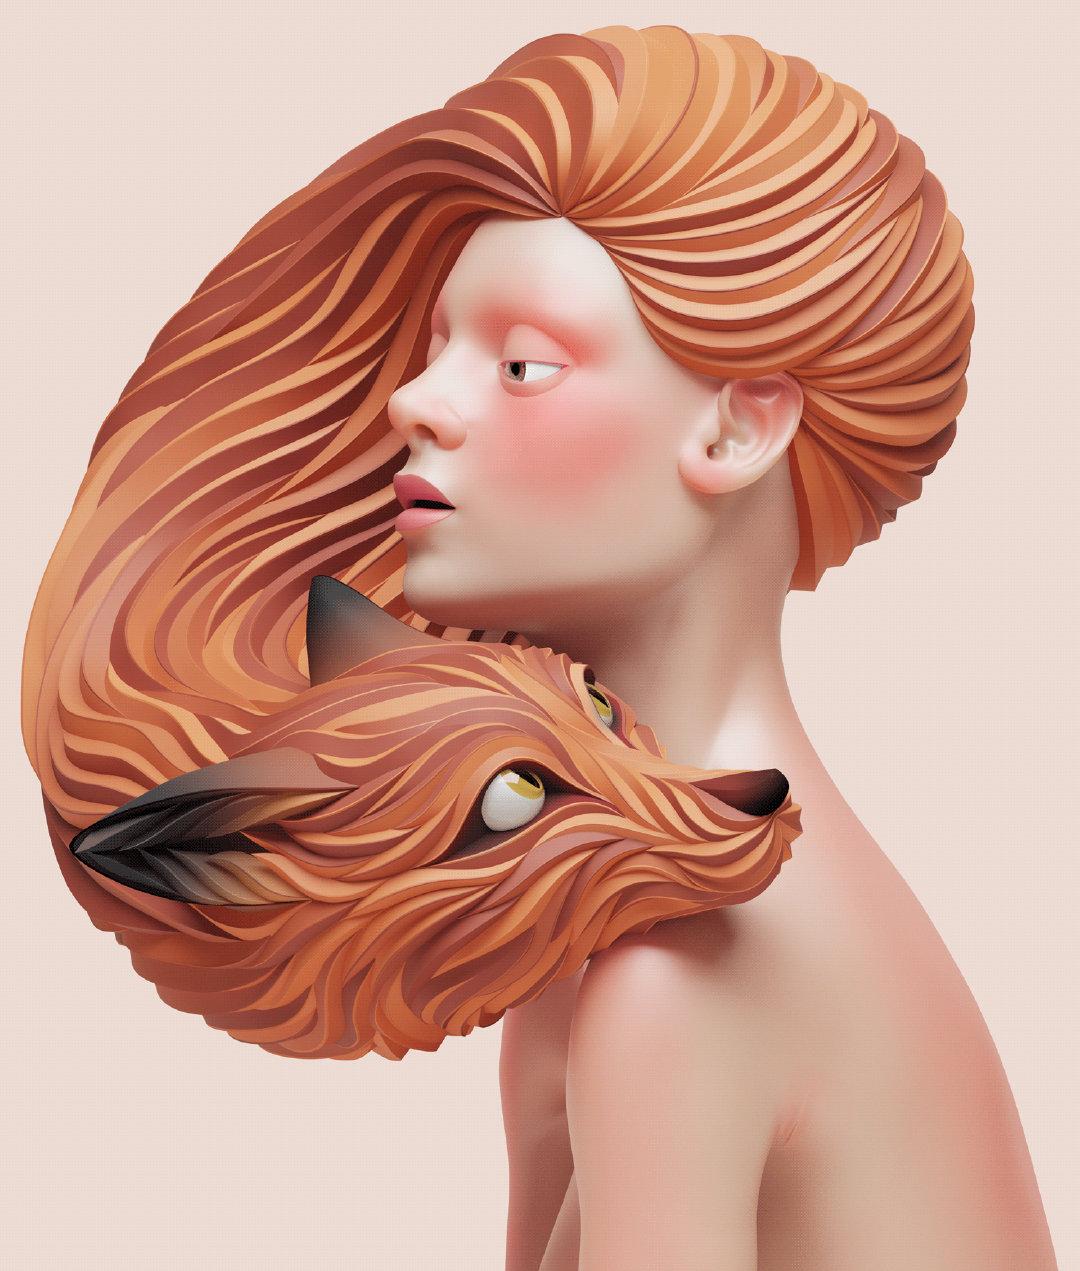 视觉设计师Maxim Shkret把立体纸雕艺术与3D艺术结合、人与兽进行艺术